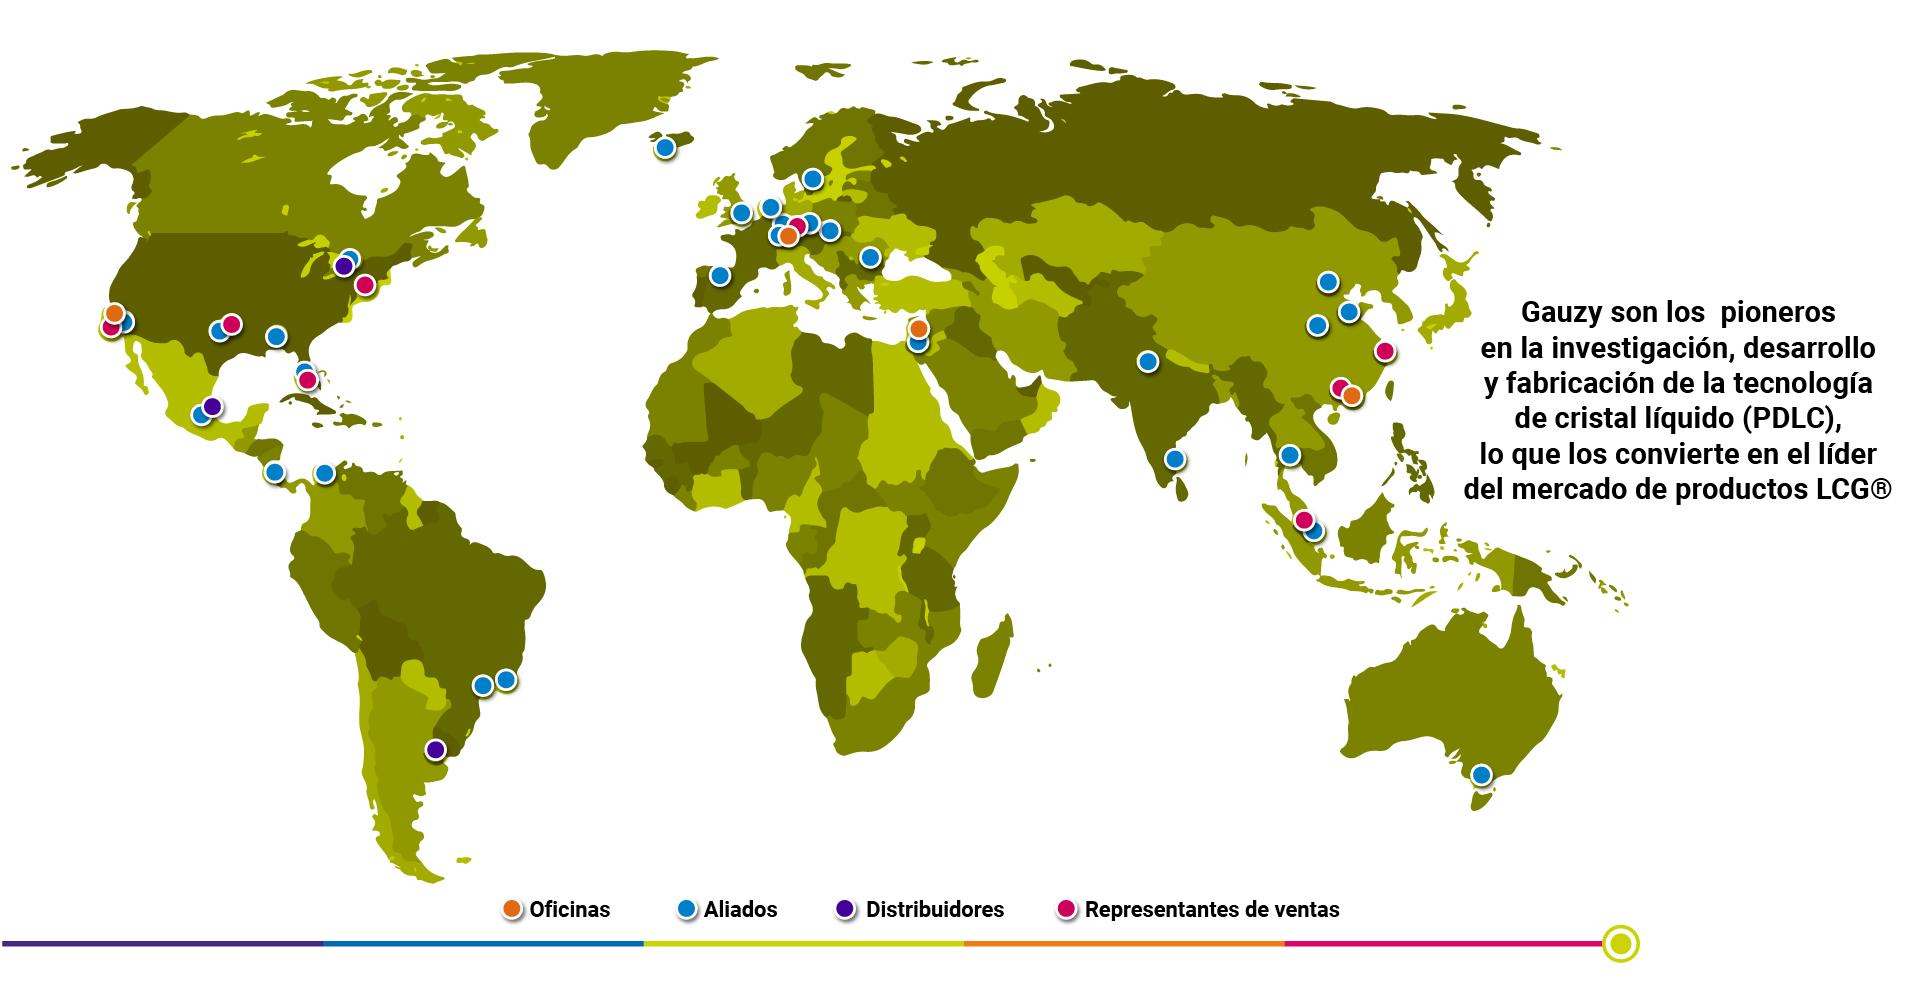 mapa verde con pleca (1)